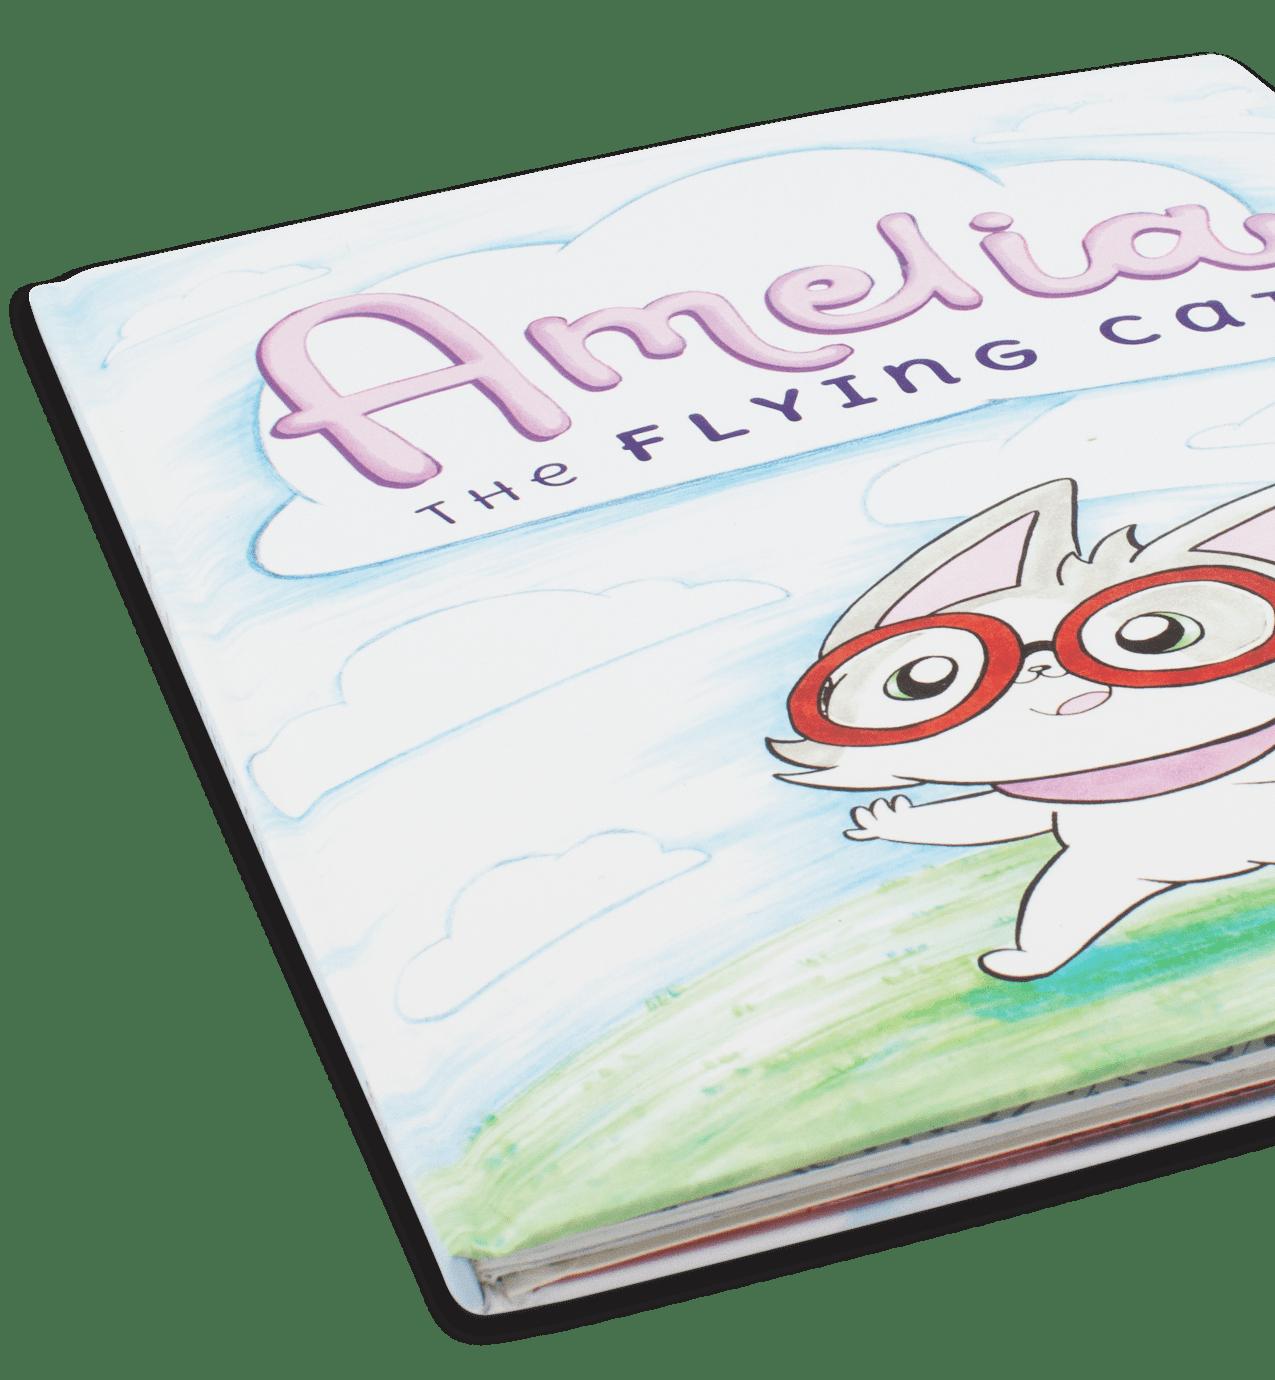 Premium Hardcover Children's Book Printing